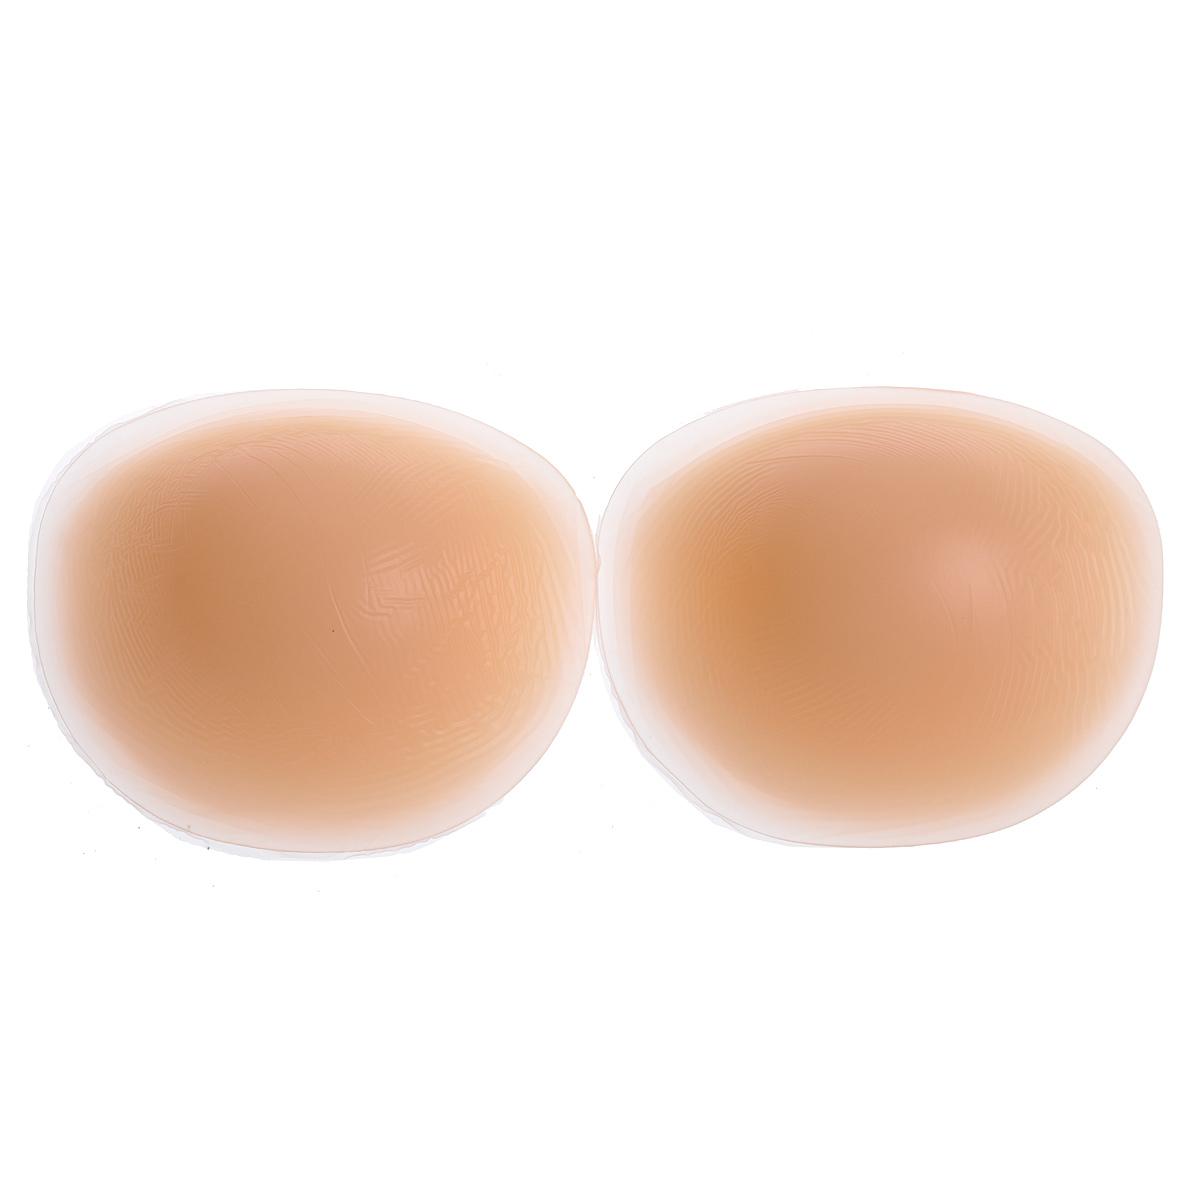 Чашки-вкладки силиконовые. 31FC31FCСиликоновые чашки-вкладки Magic BodyFashion очень удобные и комфортные в носке. Чашки способствуют большому визуальному увеличению размера бюста. Сделаны из высококачественного силикона. Силиконовые чашки придадут объем и упругость вашей груди: все женщины могут иметь более объемную, более упругую грудь, нет необходимости в пластической хирургии. С ними вы сможете выгодно подчеркнуть ваше декольте! Их невозможно заметить под любой одеждой. Изделие позволяет приобрести выразительные линии своего тела за считанные секунды (можно придать объем там, где необходимо). Белье Magic BodyFashion создано для тех, кто стремится к безупречности своего стиля. Именно благодаря ему огромное количество женщин чувствуют себя поистине соблазнительными, привлекательными и не на шутку уверенными в себе.